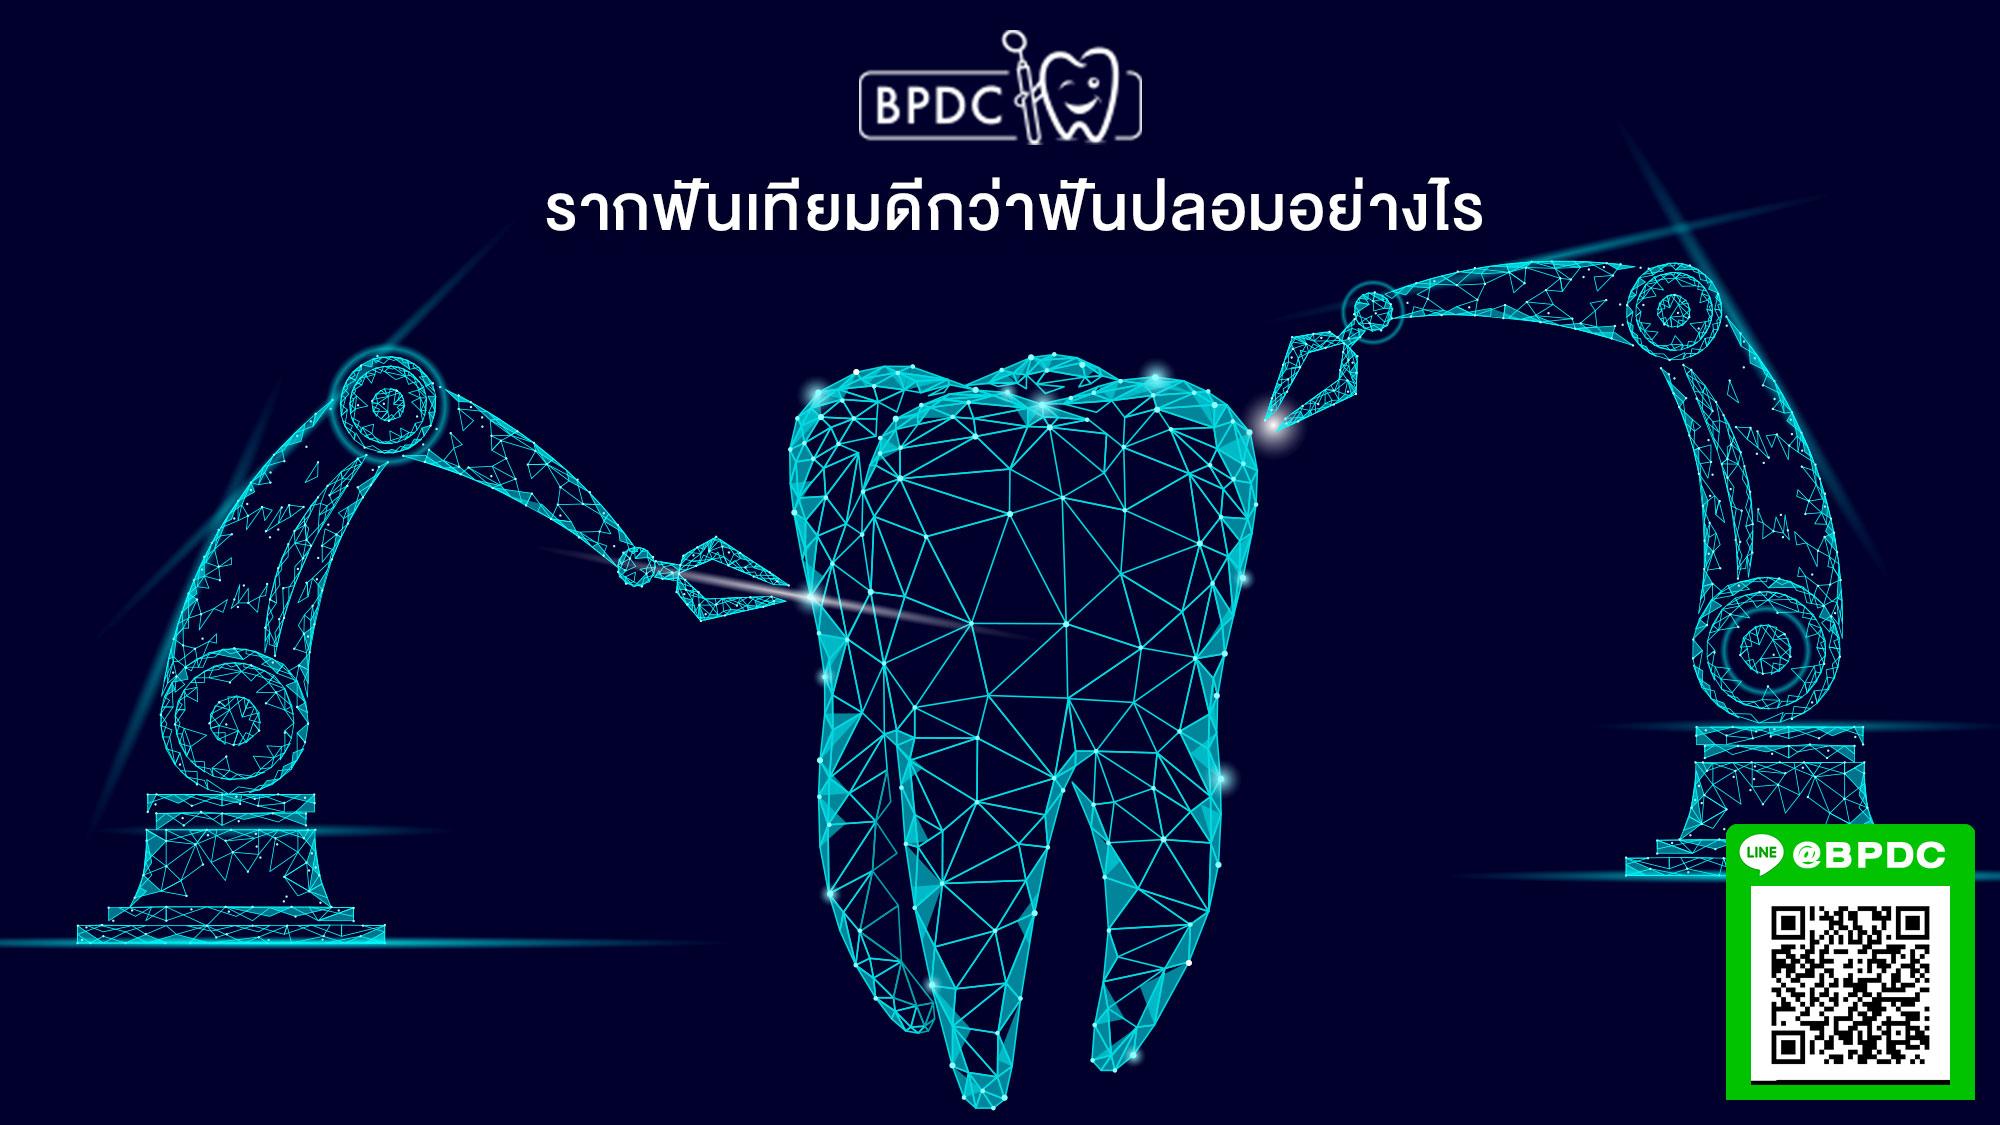 รากฟันเทียมดีกว่าฟันปลอมอย่างไร